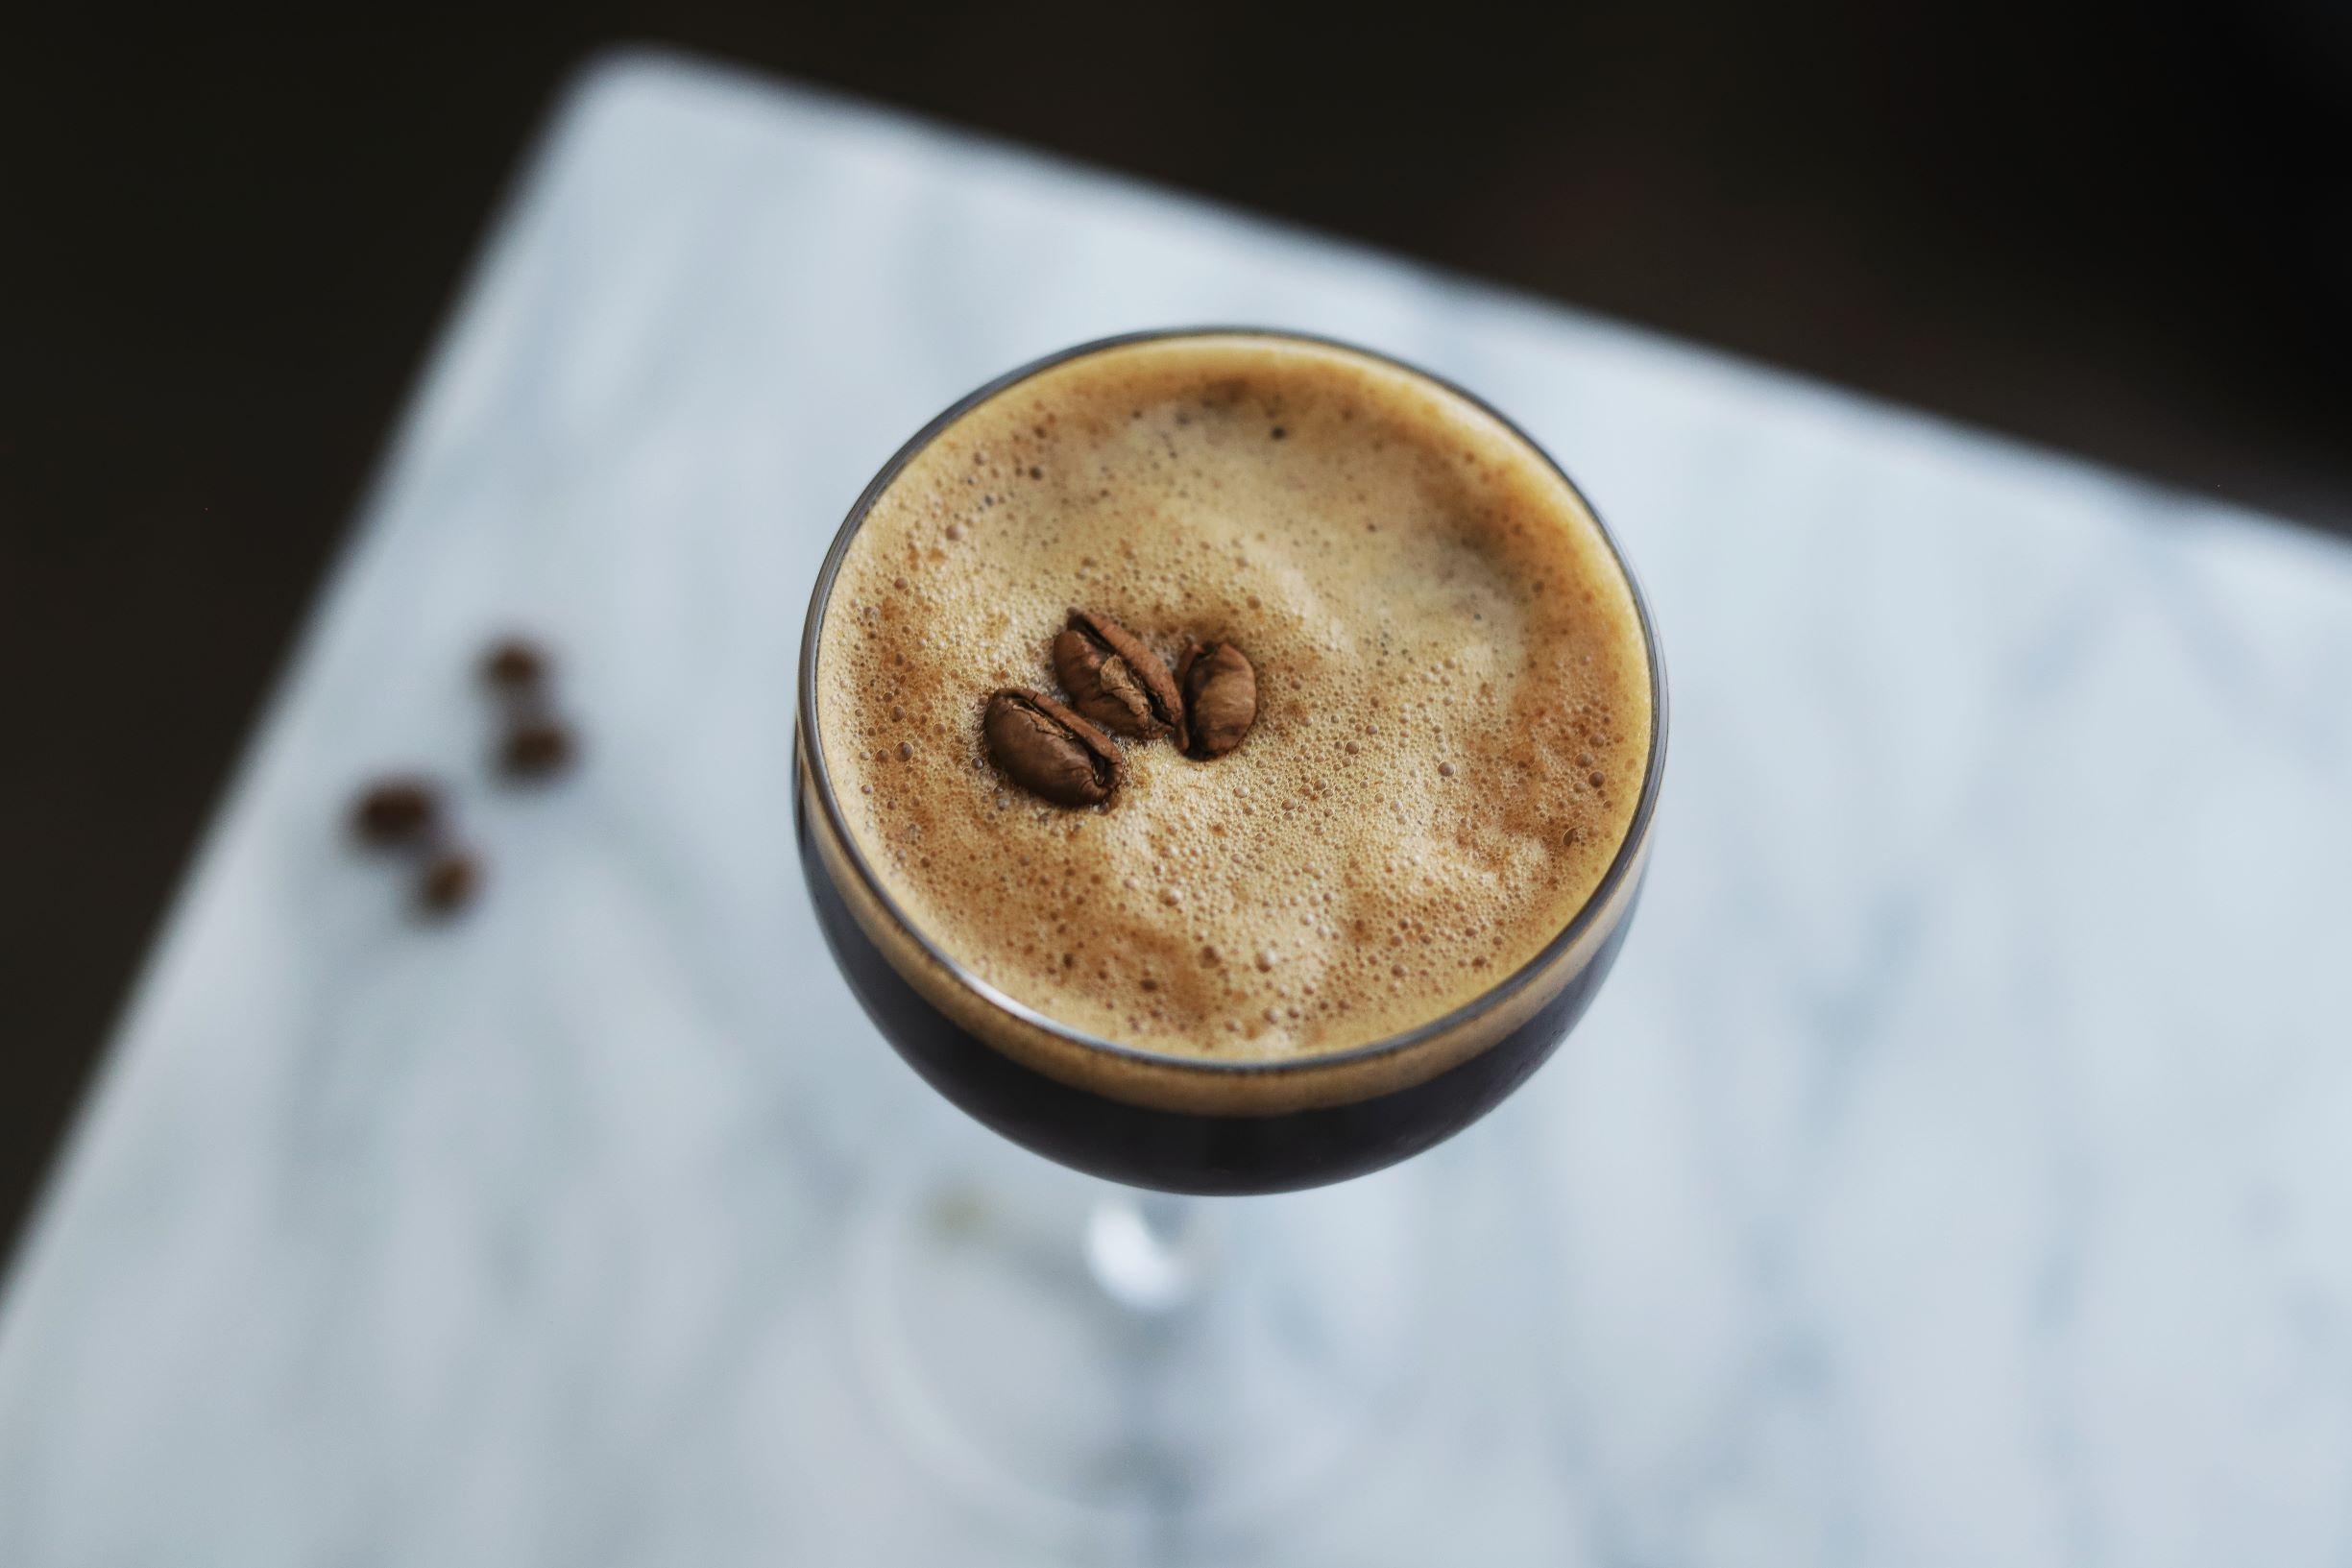 LeClair Organics coffee roaster, liberica coffee, amaro nonio quintessentia espresso martini